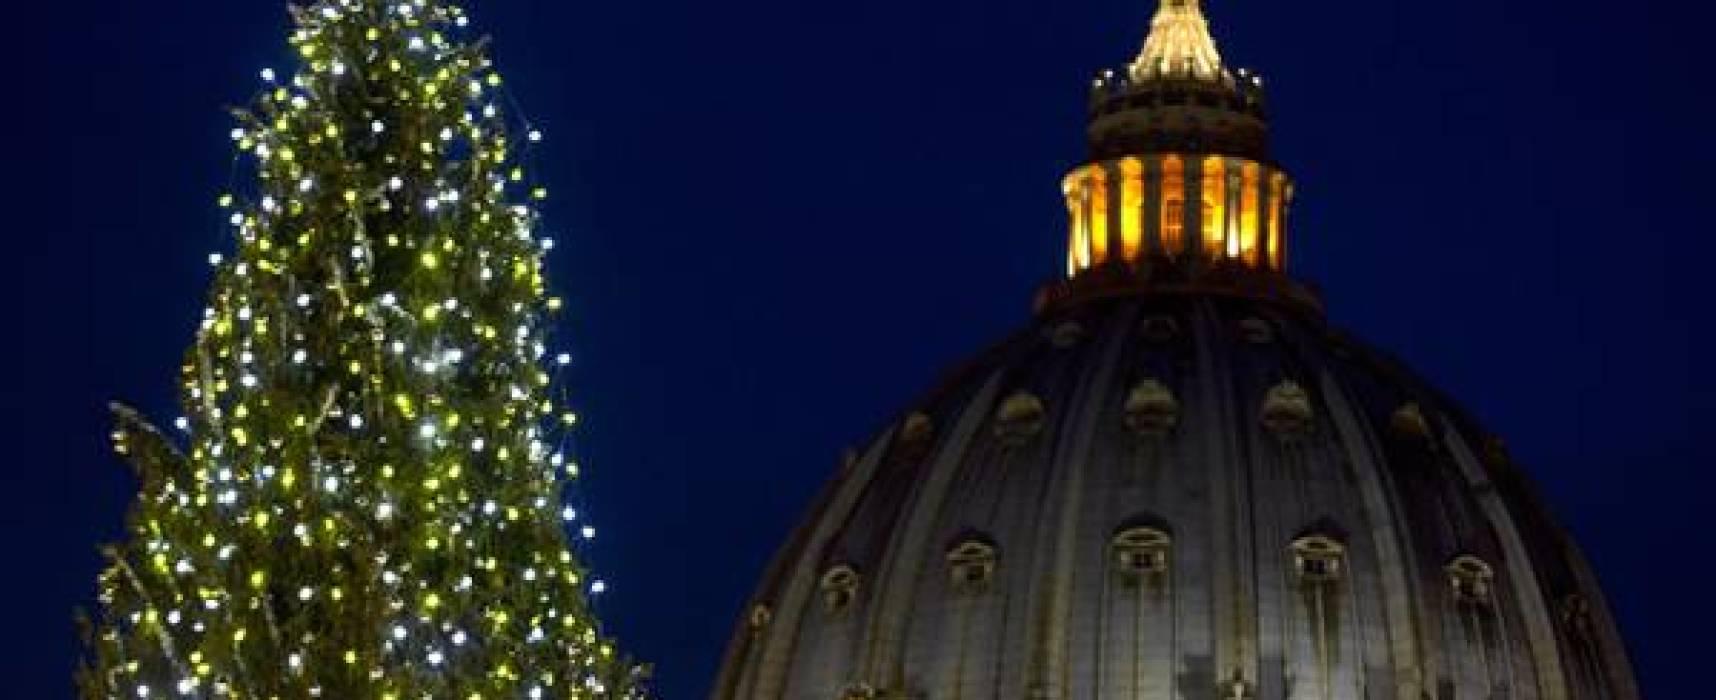 Origini pagane e cattoliche dell'albero di Natale